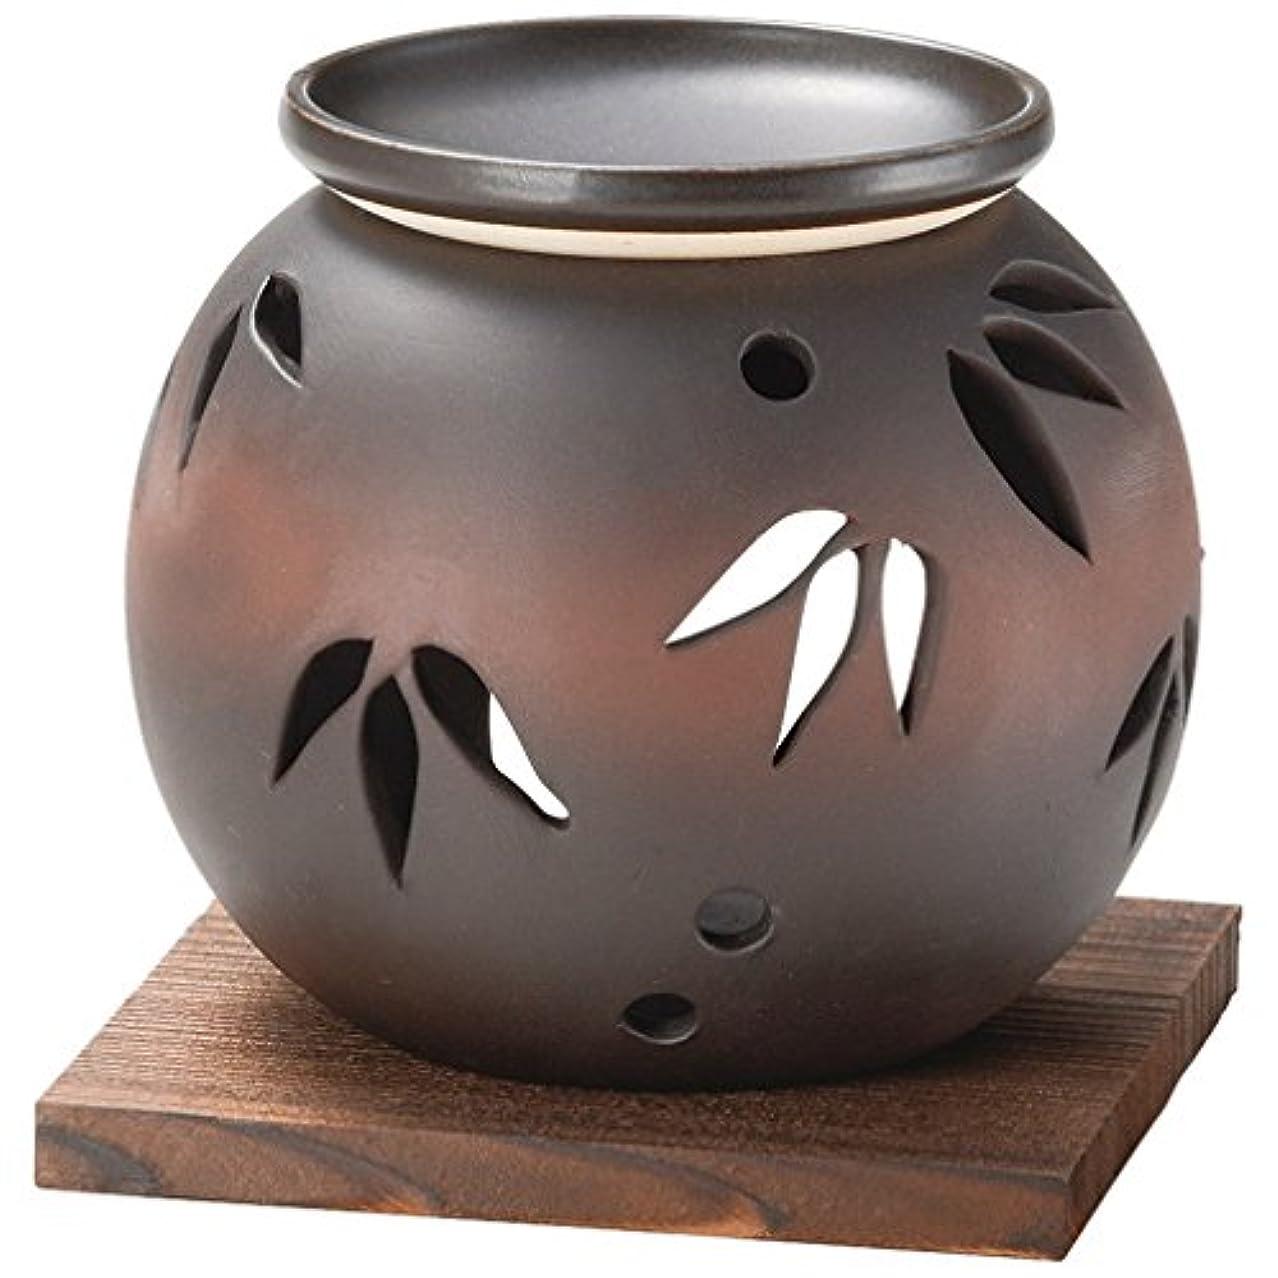 恥ホバー老人山下工芸 常滑焼 茶窯変笹透かし茶香炉 11×11.5×11.5cm 13045620